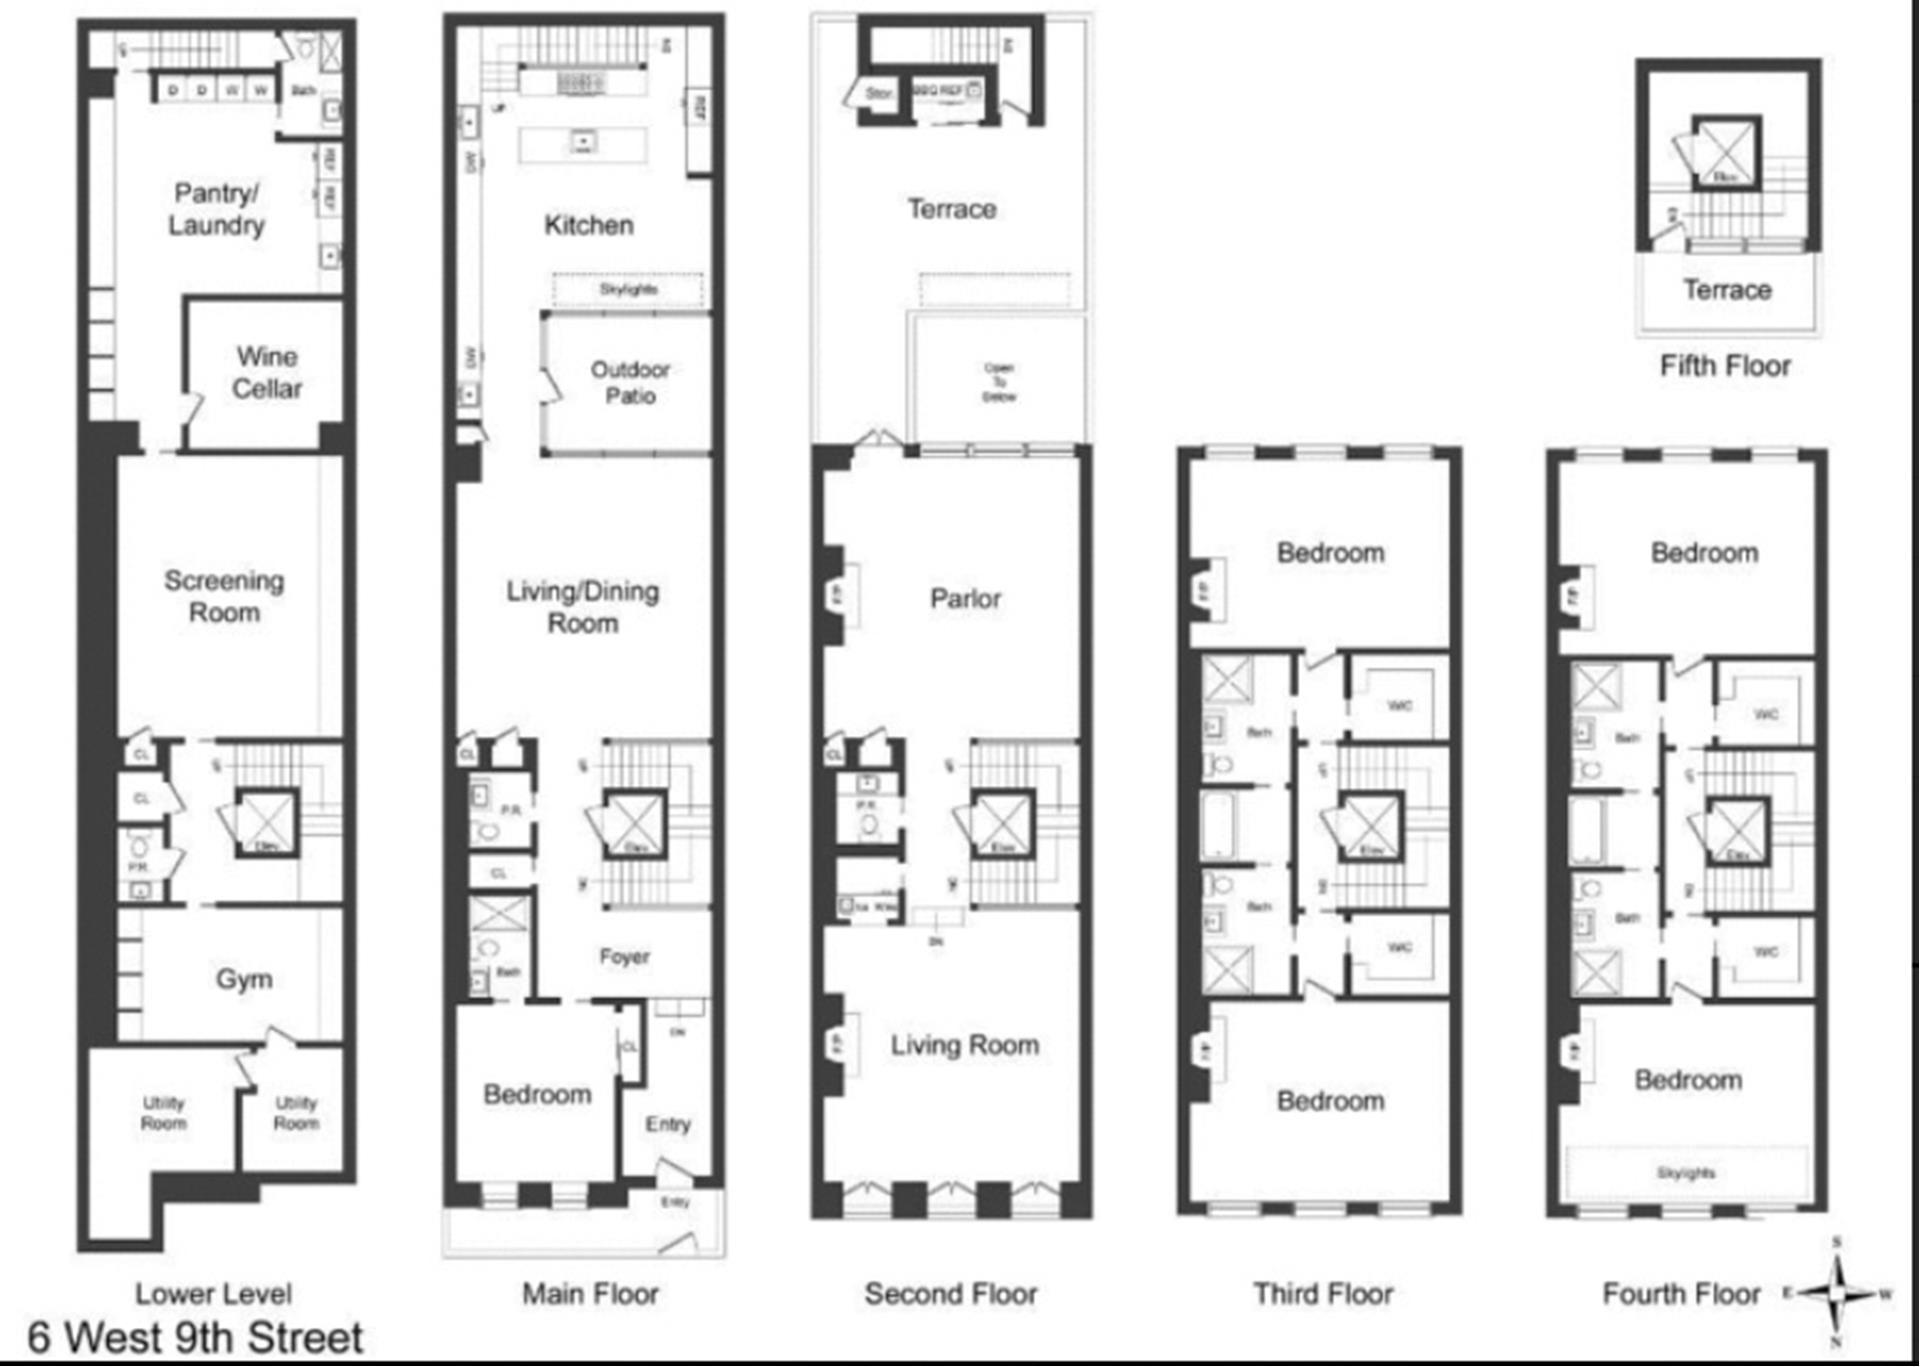 Floor plan of 6 West 9th St - Greenwich Village, New York